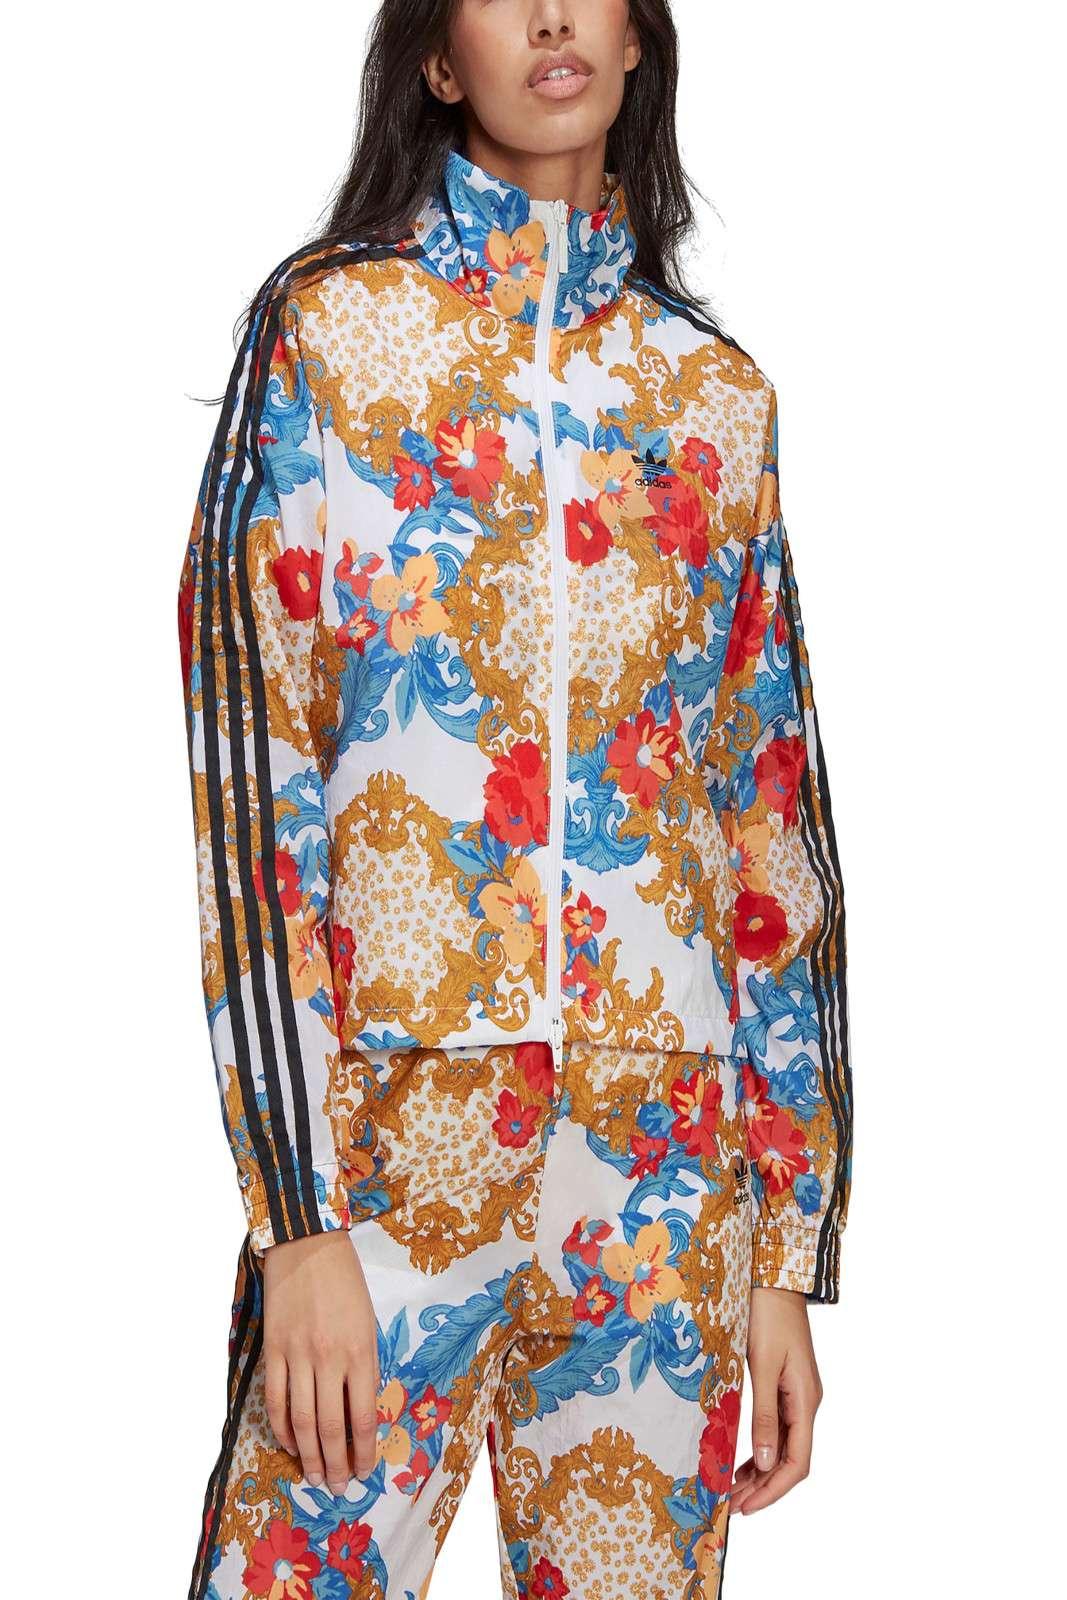 Una giacca estrosa, innovativa, diversa dal solito, la TRACK JACKET HER STUDIO LONDON firmata Adidas per la sua nuova collezione. Ricca di colori e fantasie, regalerà un tocco davvero inimitabile al tuo outfit. Perfetta da abbinare ai pantaloni con la stessa fantasia, sempre firmati Adidas, per un completo da urlo.